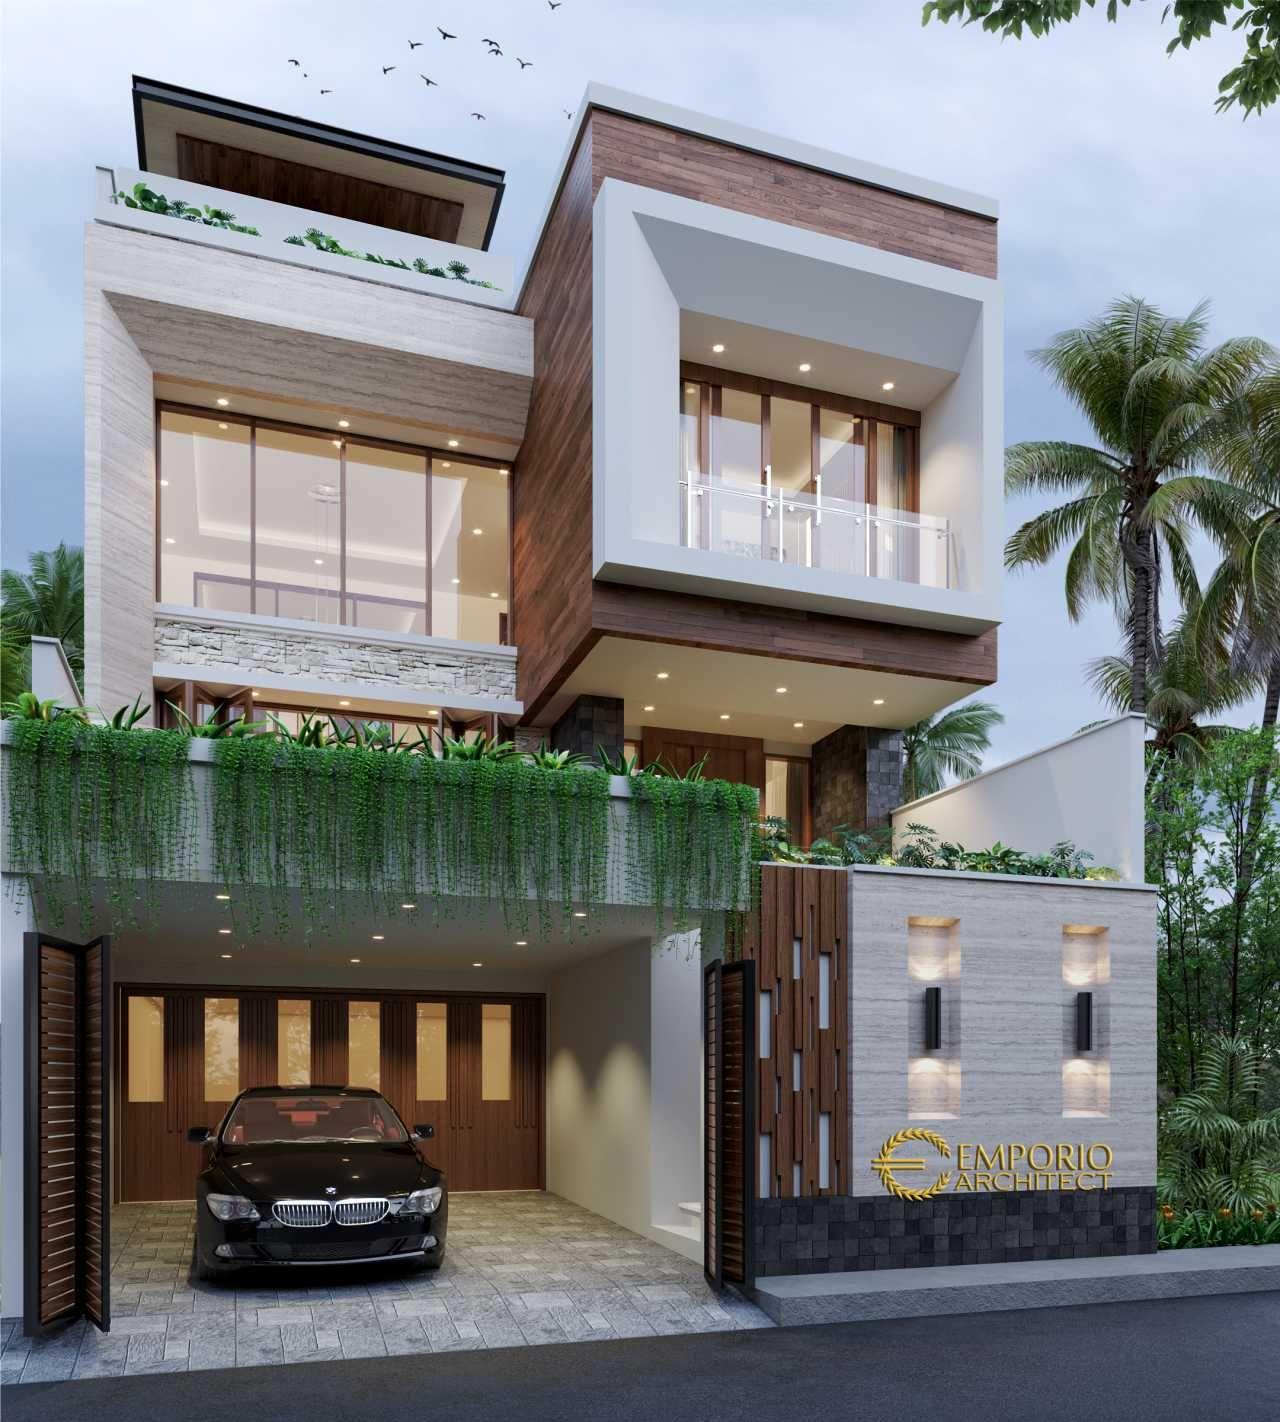 Desain Rumah Modern 2 Lantai Bapak Vendi Di Petitenget Badung Bali Jasa Arsitek Desain Rumah Berkualitas Di 2020 Desain Rumah Modern Desain Rumah Arsitektur Rumah